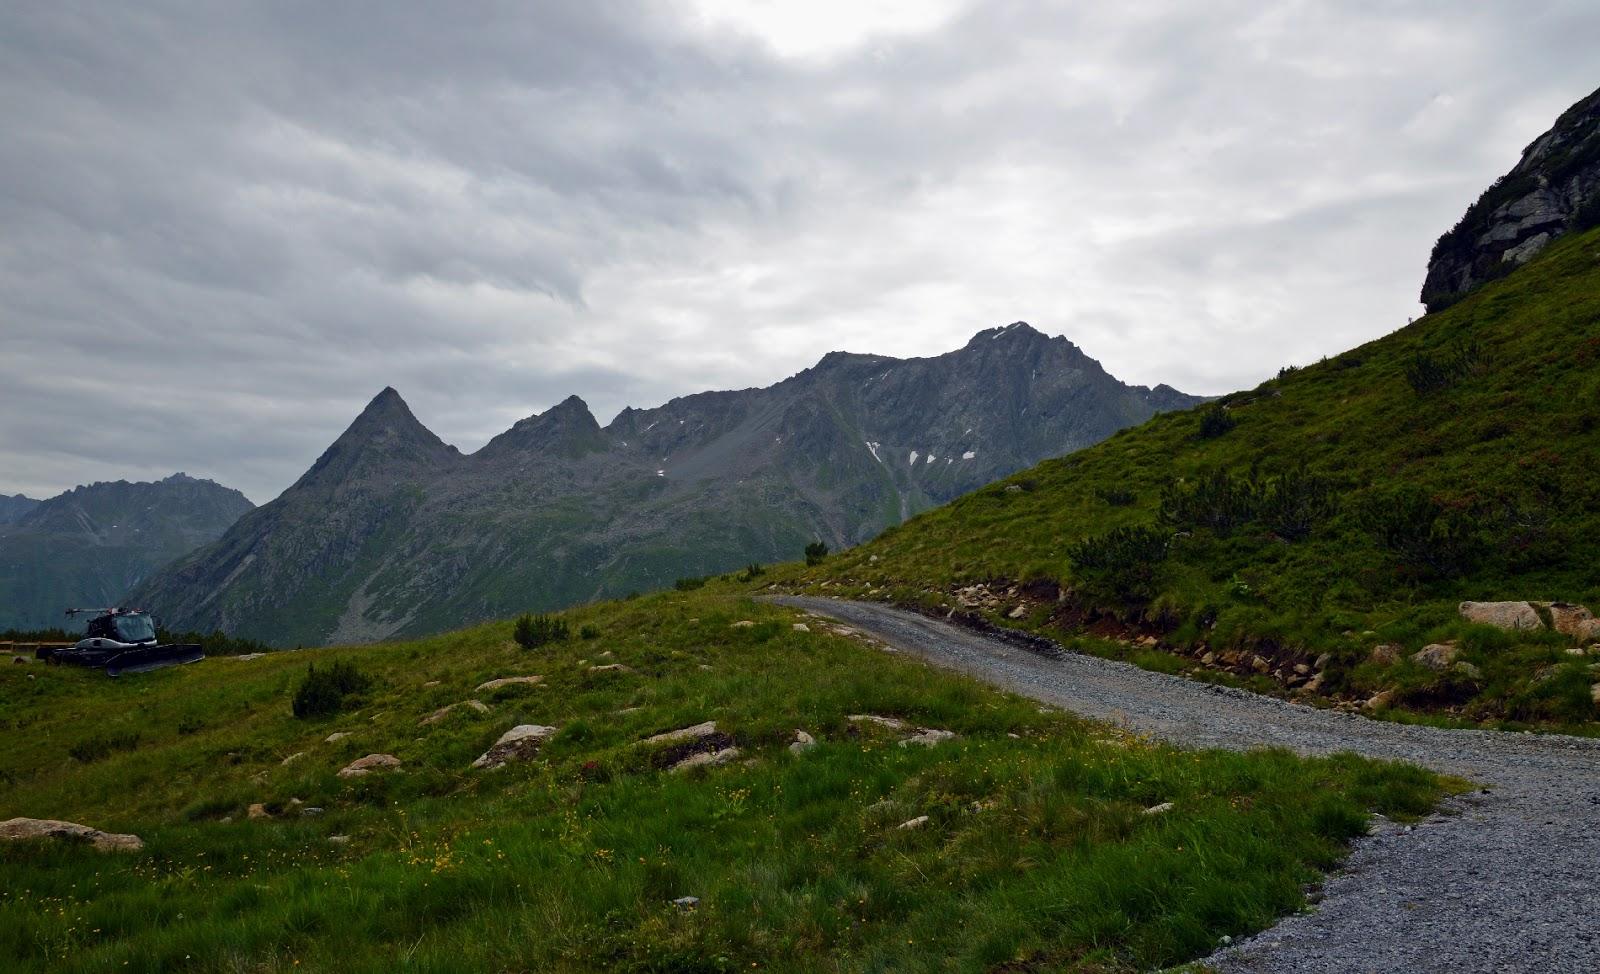 Breitspitz, Alpy, Vorlarlberg, Blog górski